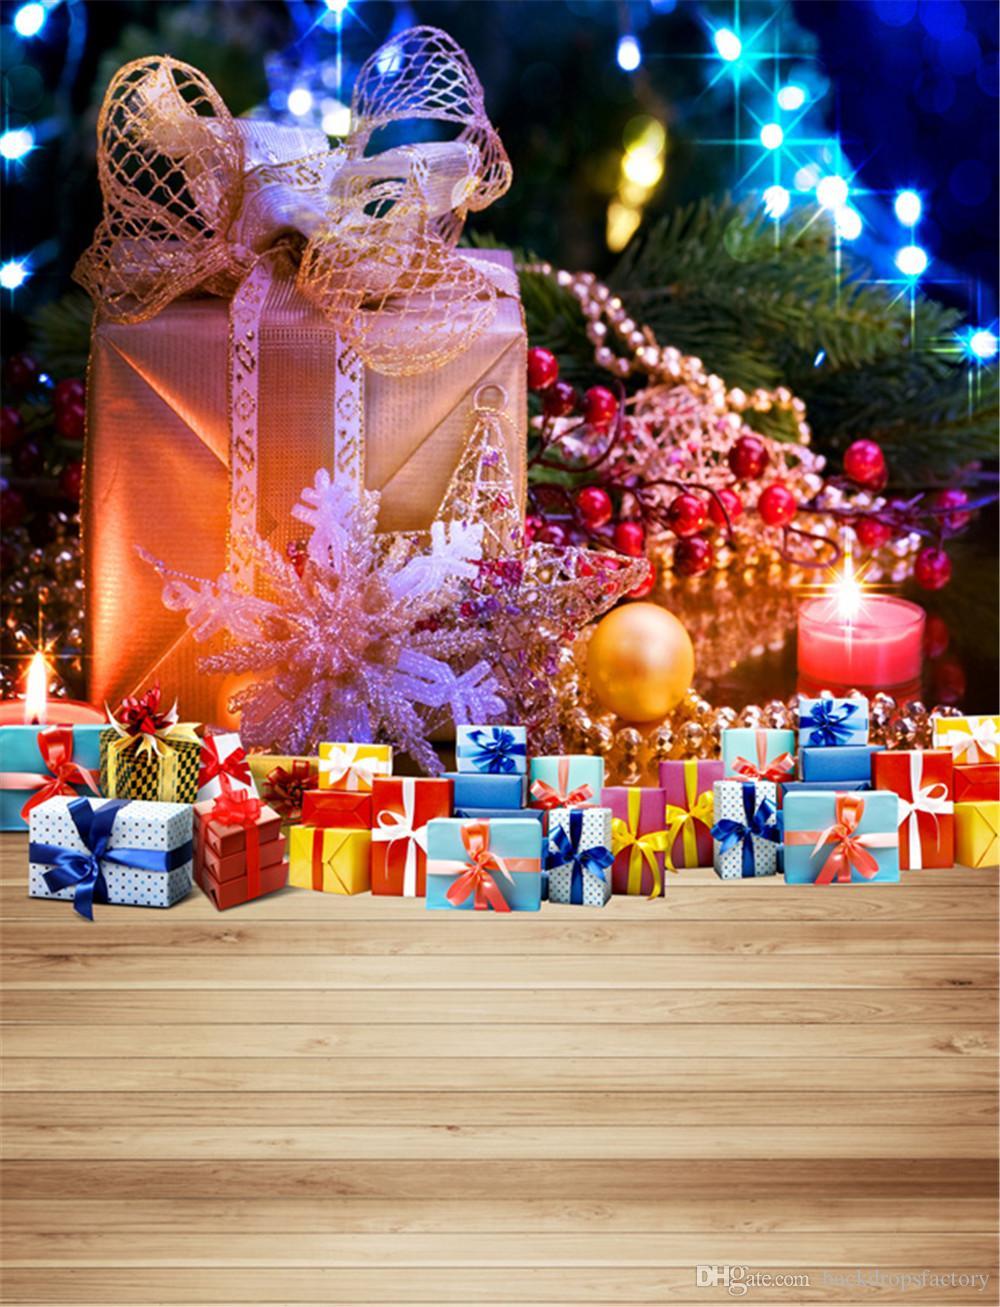 Buon Natale Famiglia.Acquista Buon Natale Fondali Fotografia Pavimenti In Legno Famiglia